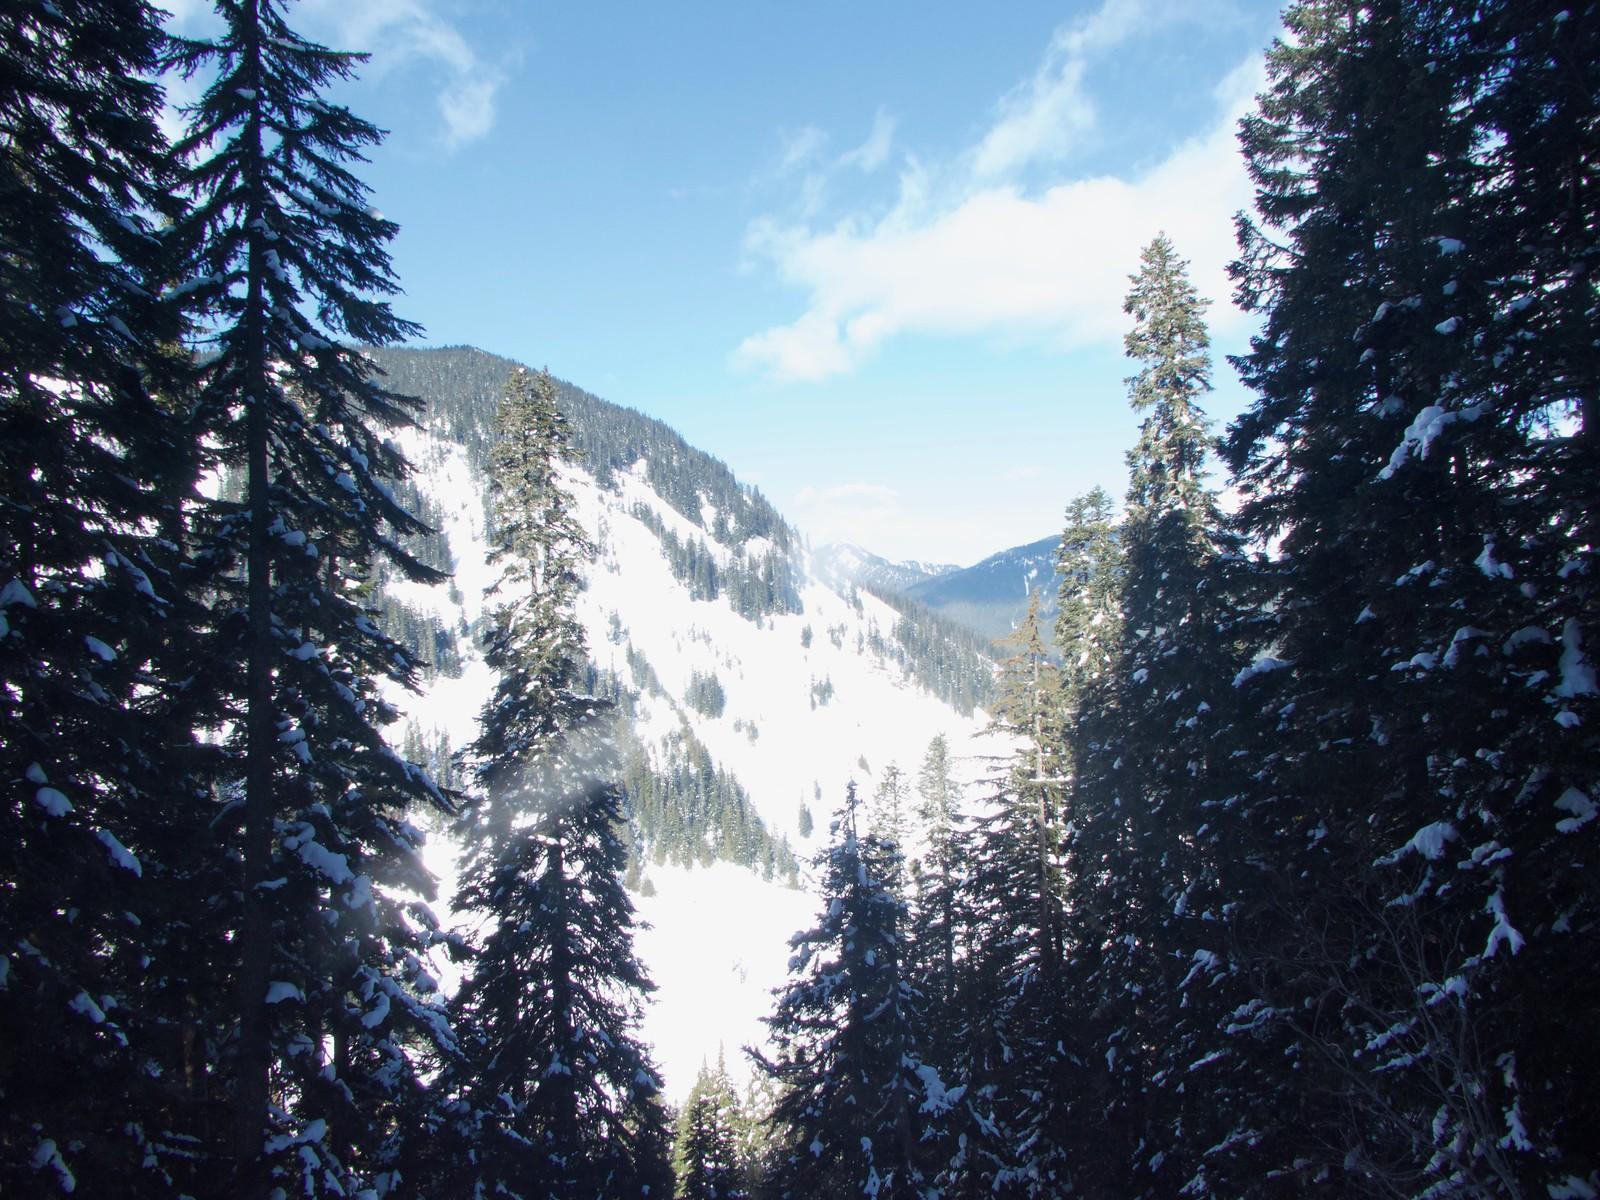 Lake Annette Snowshoe trip